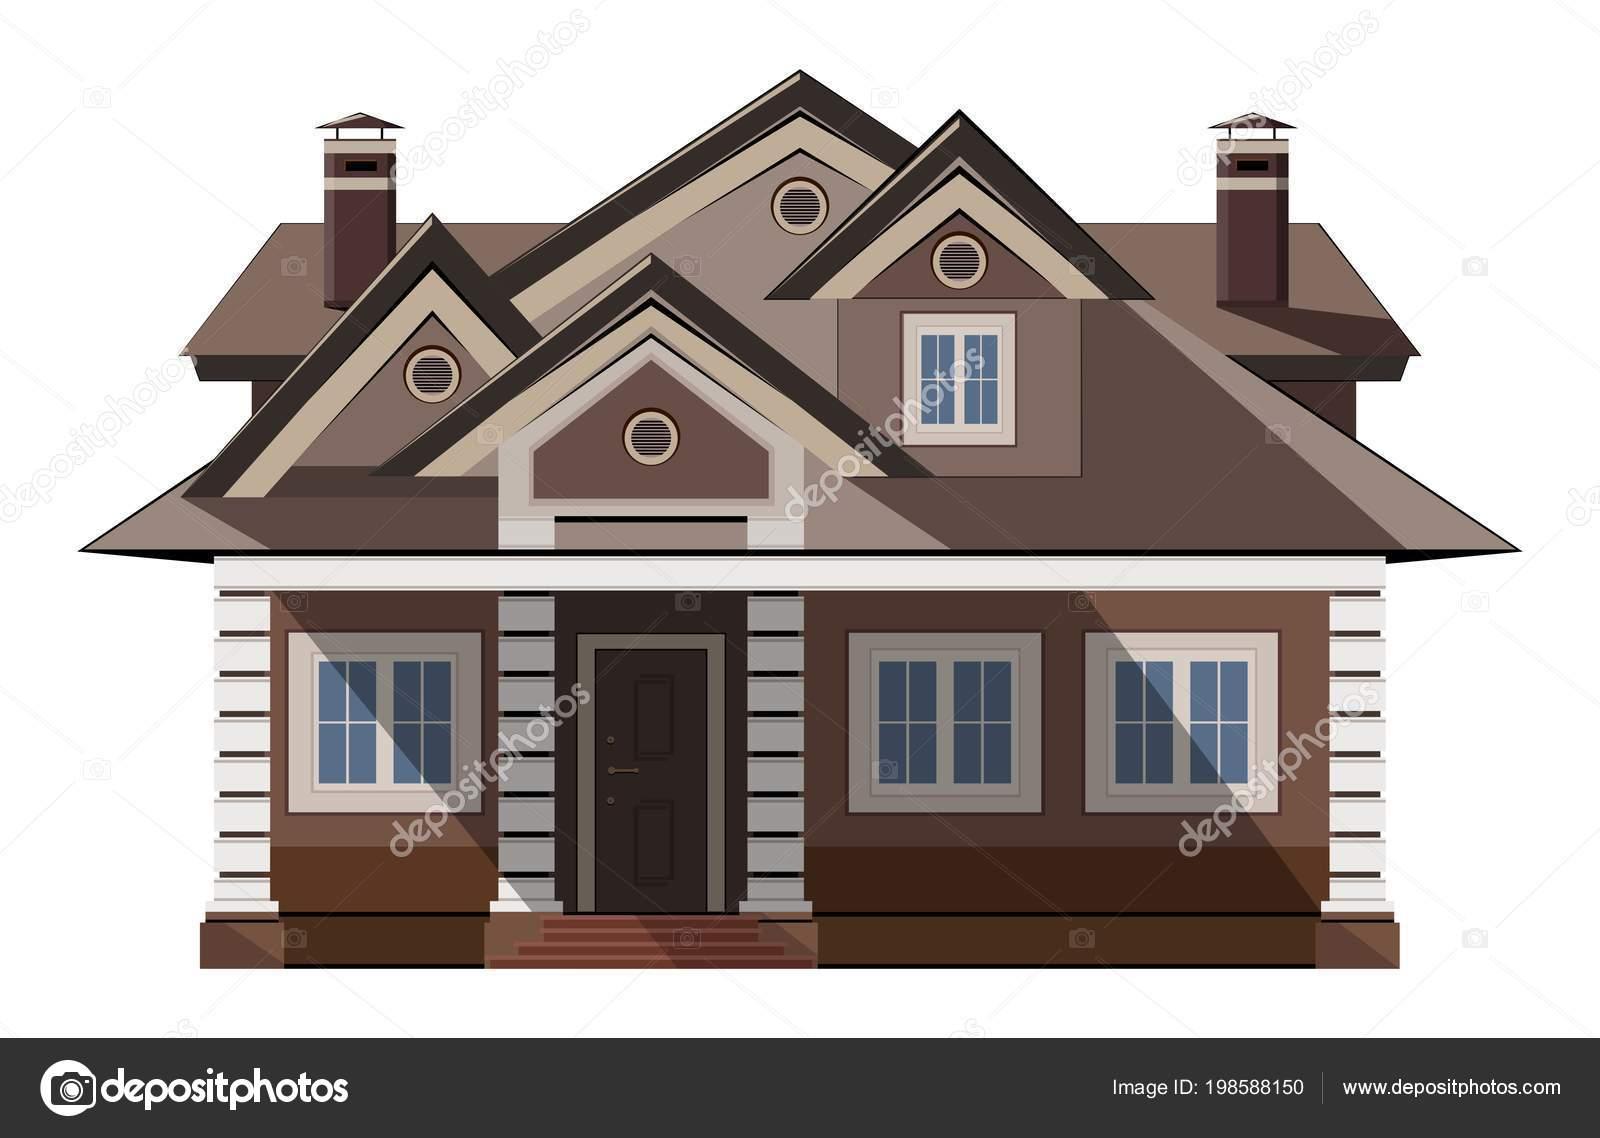 Esterno Di Una Casa : Vettore facciate case esterne esterno della casa illustrazione